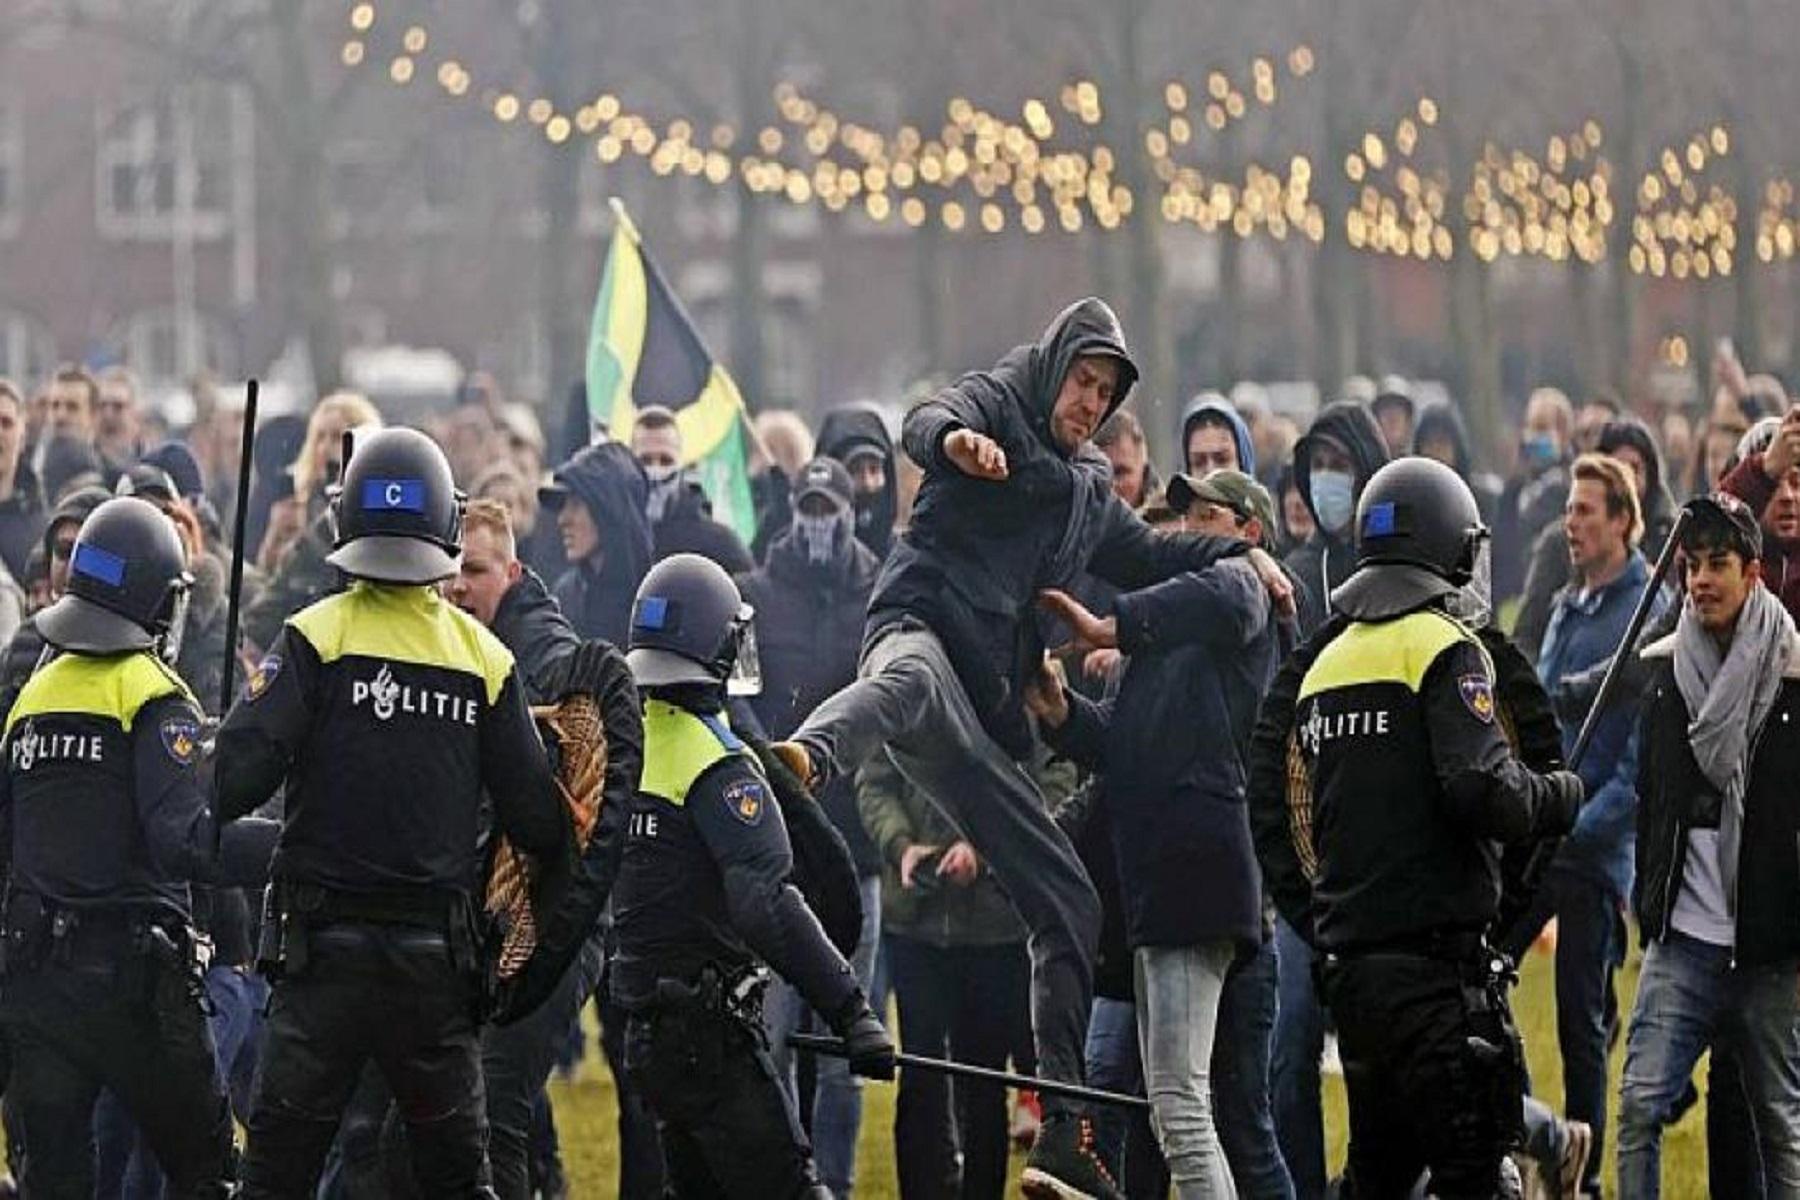 Ολλανδία Lockdown: Κανόνια νερού κατά διαδηλωτών για την απαγόρευση κυκλοφορίας